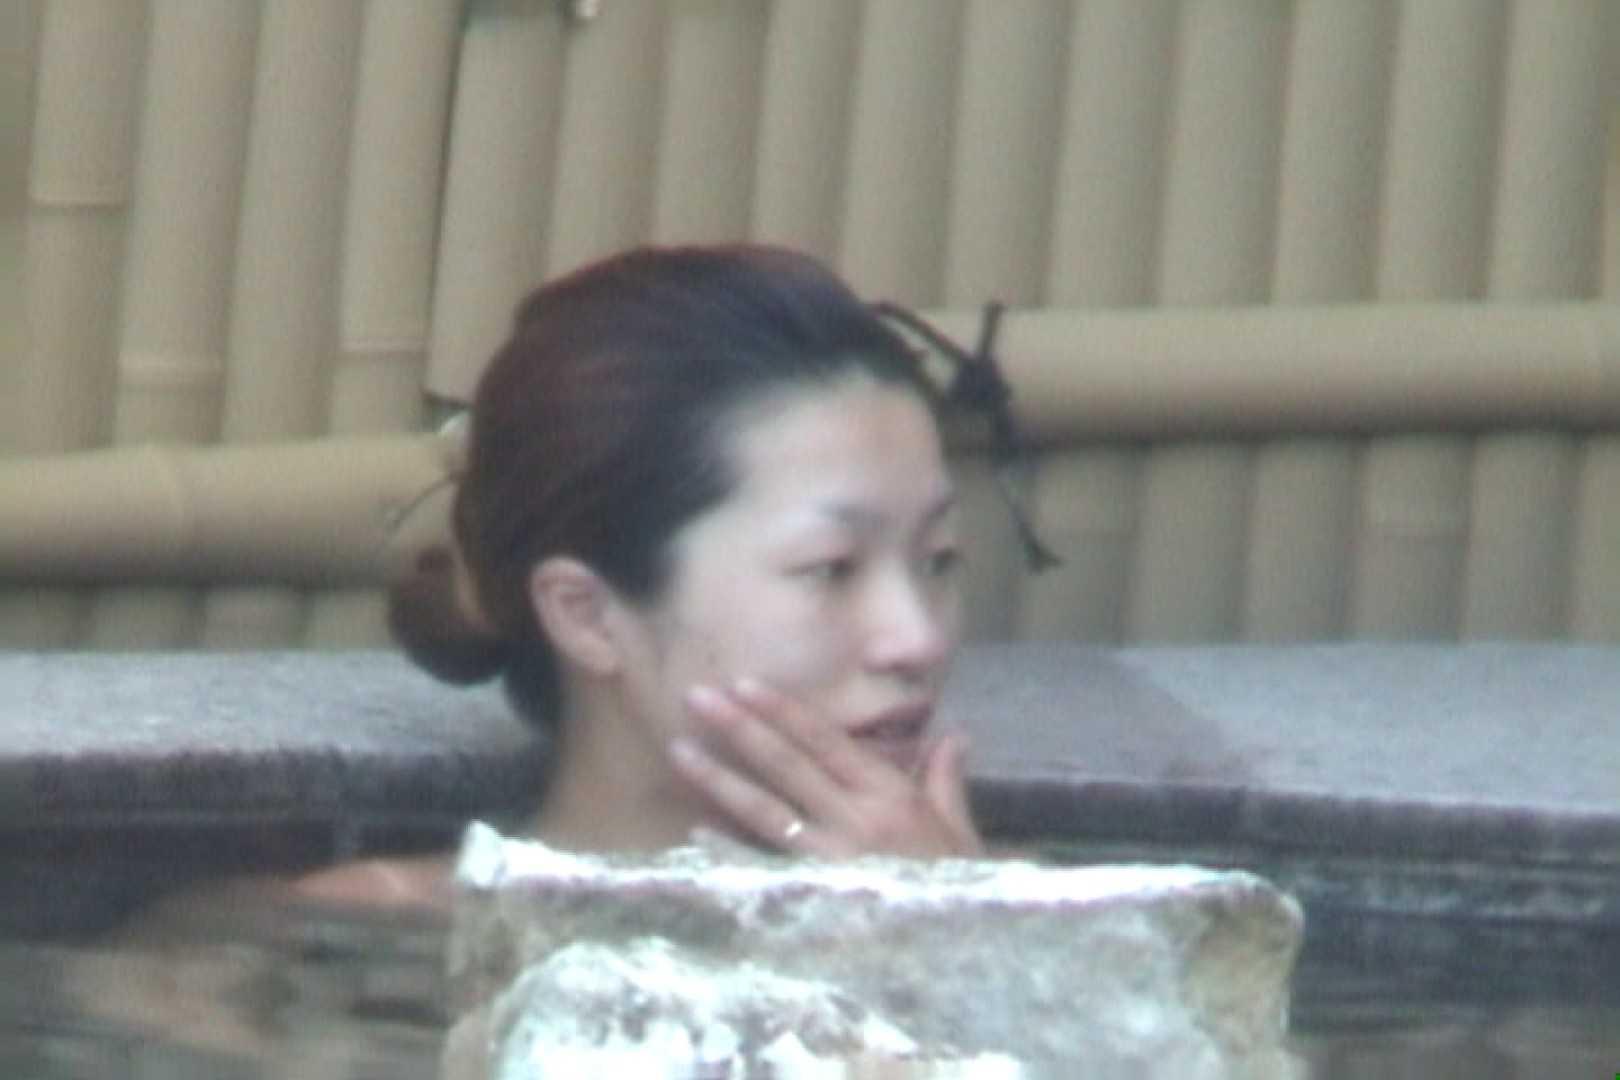 Aquaな露天風呂Vol.571 盗撮  83画像 30